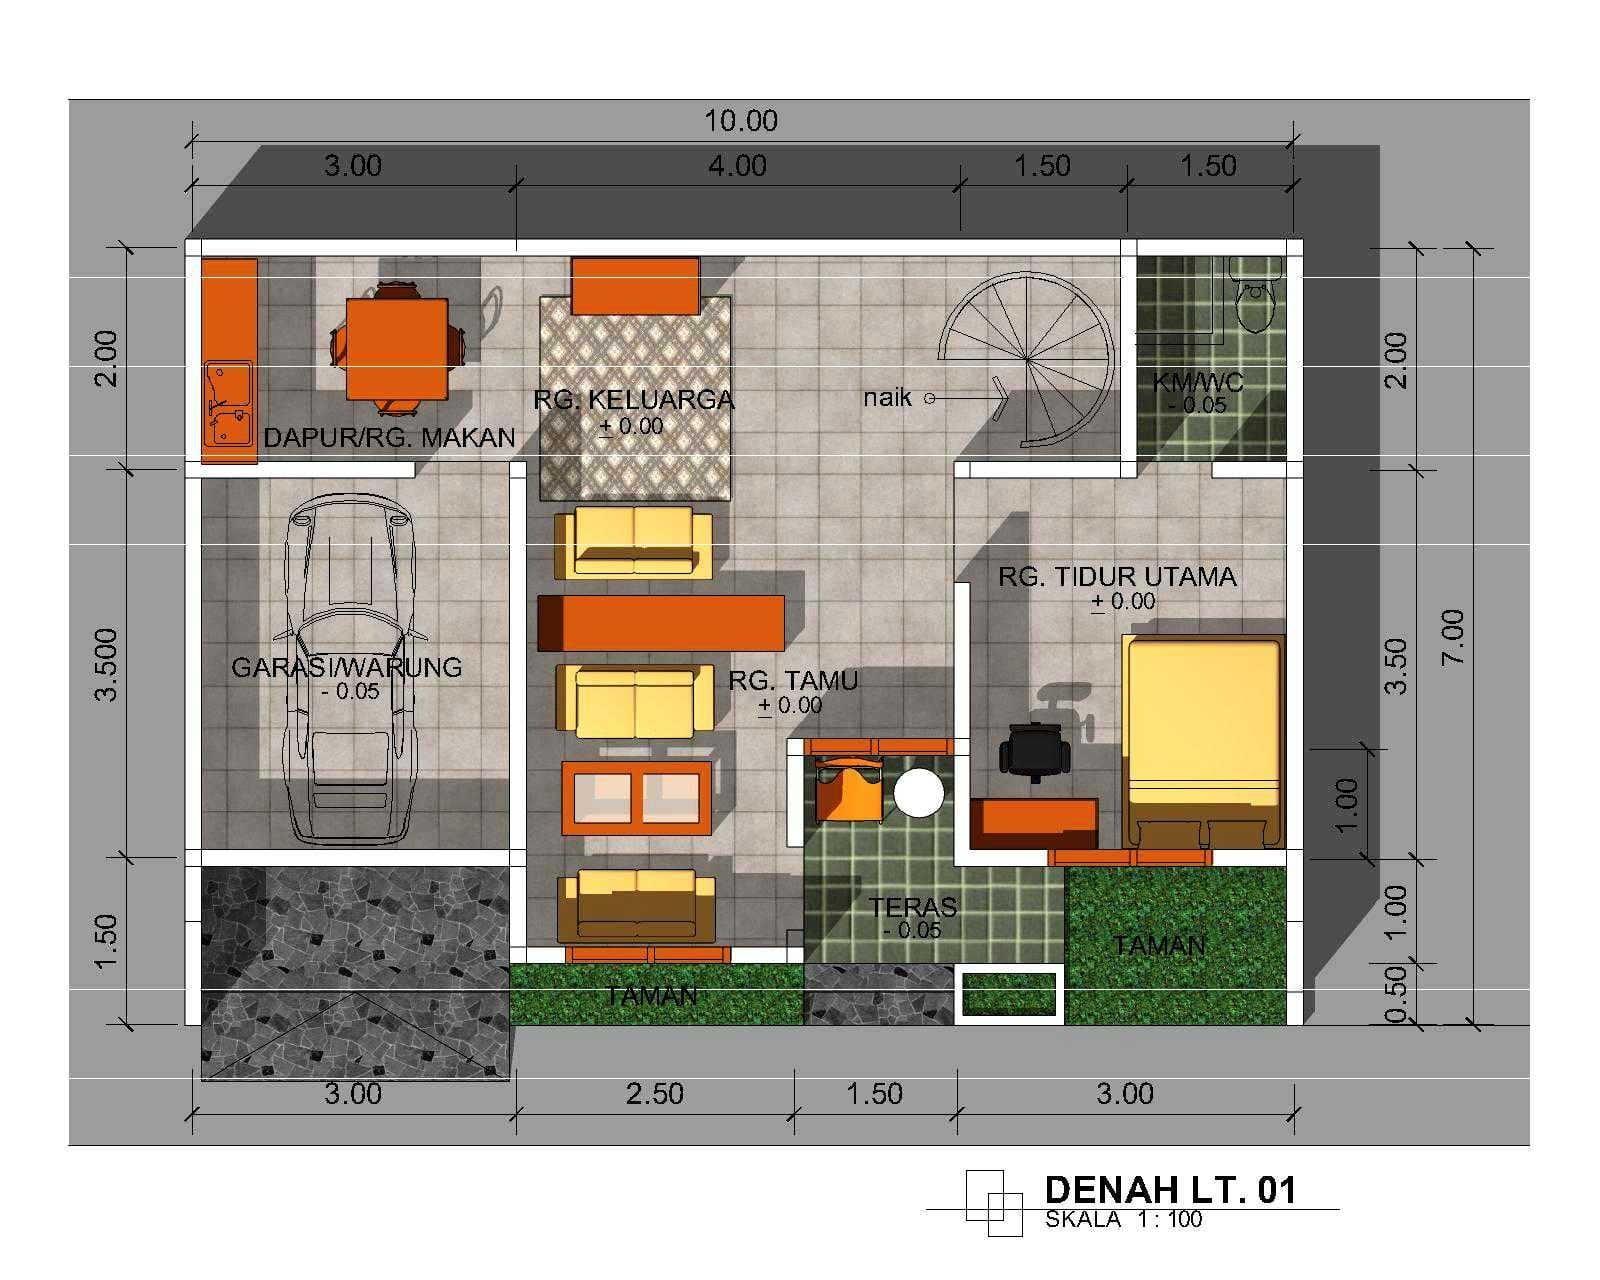 74 Ragam Seni Denah Rumah Minimalis 1 Lantai Yang Belum Banyak Diketahui